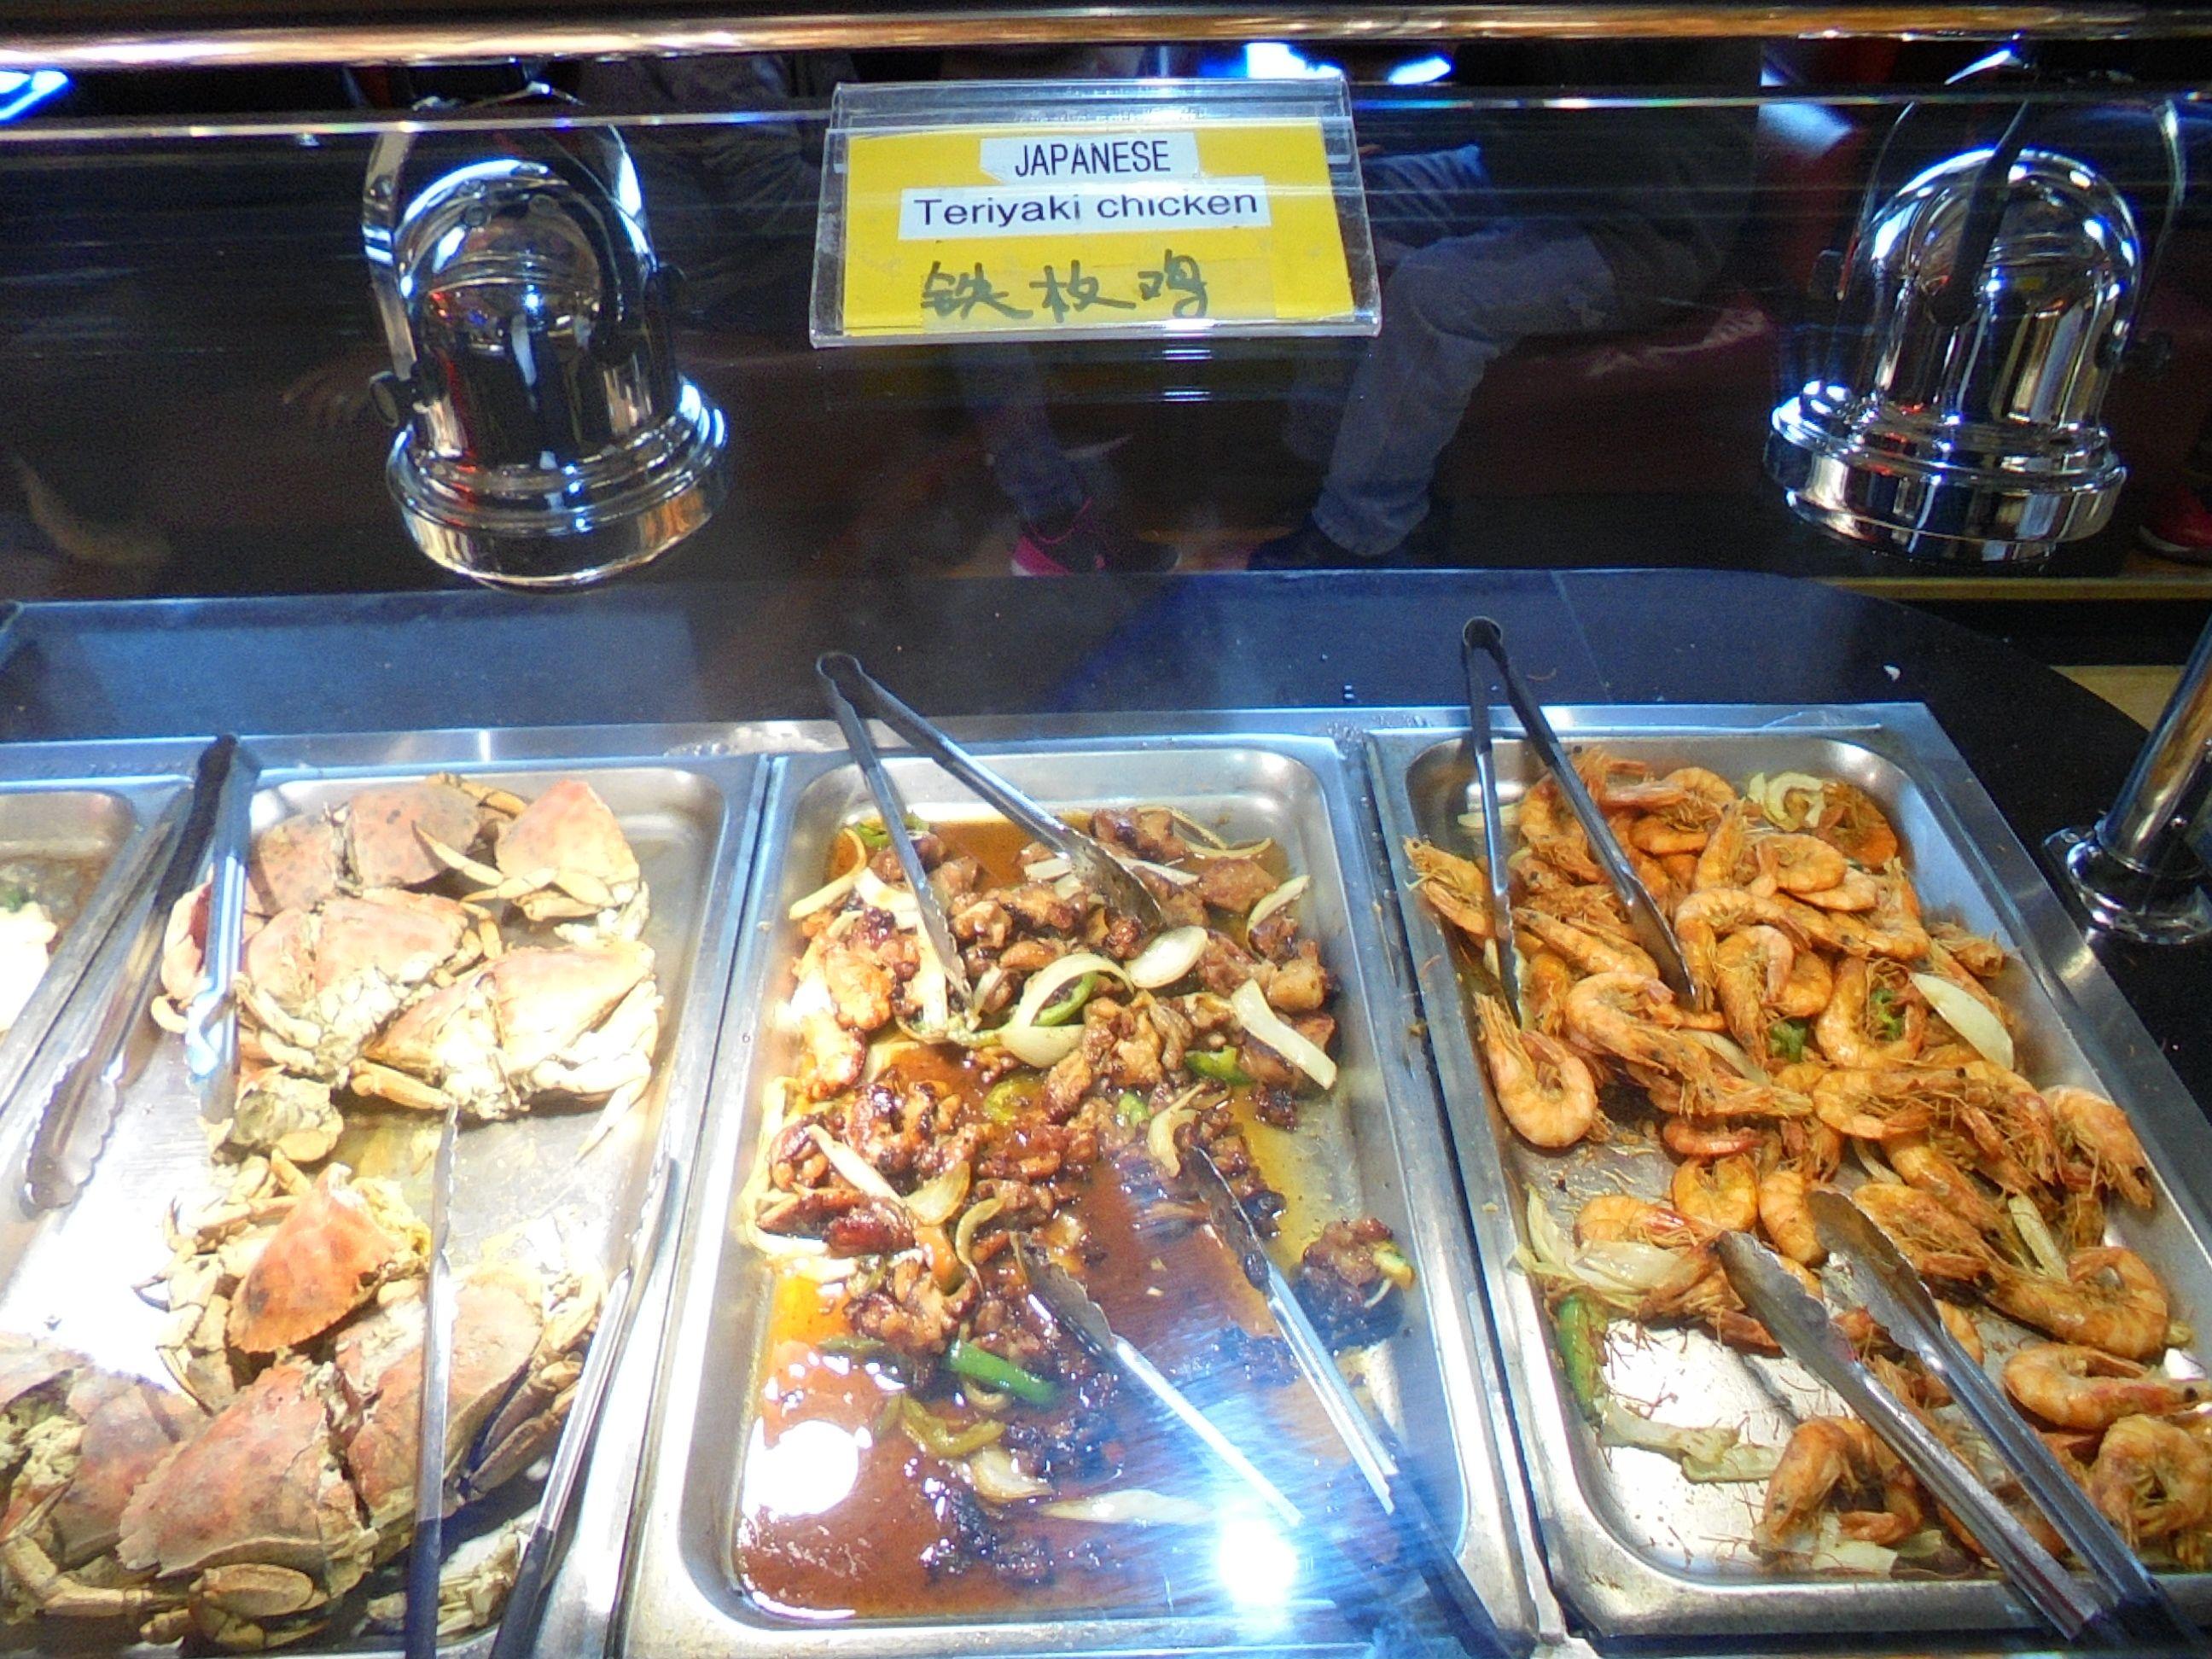 #Crab, #Chicken, and #Shrimp/ #threescompany - www.drewrynewsnetwork.com/forum/reviews